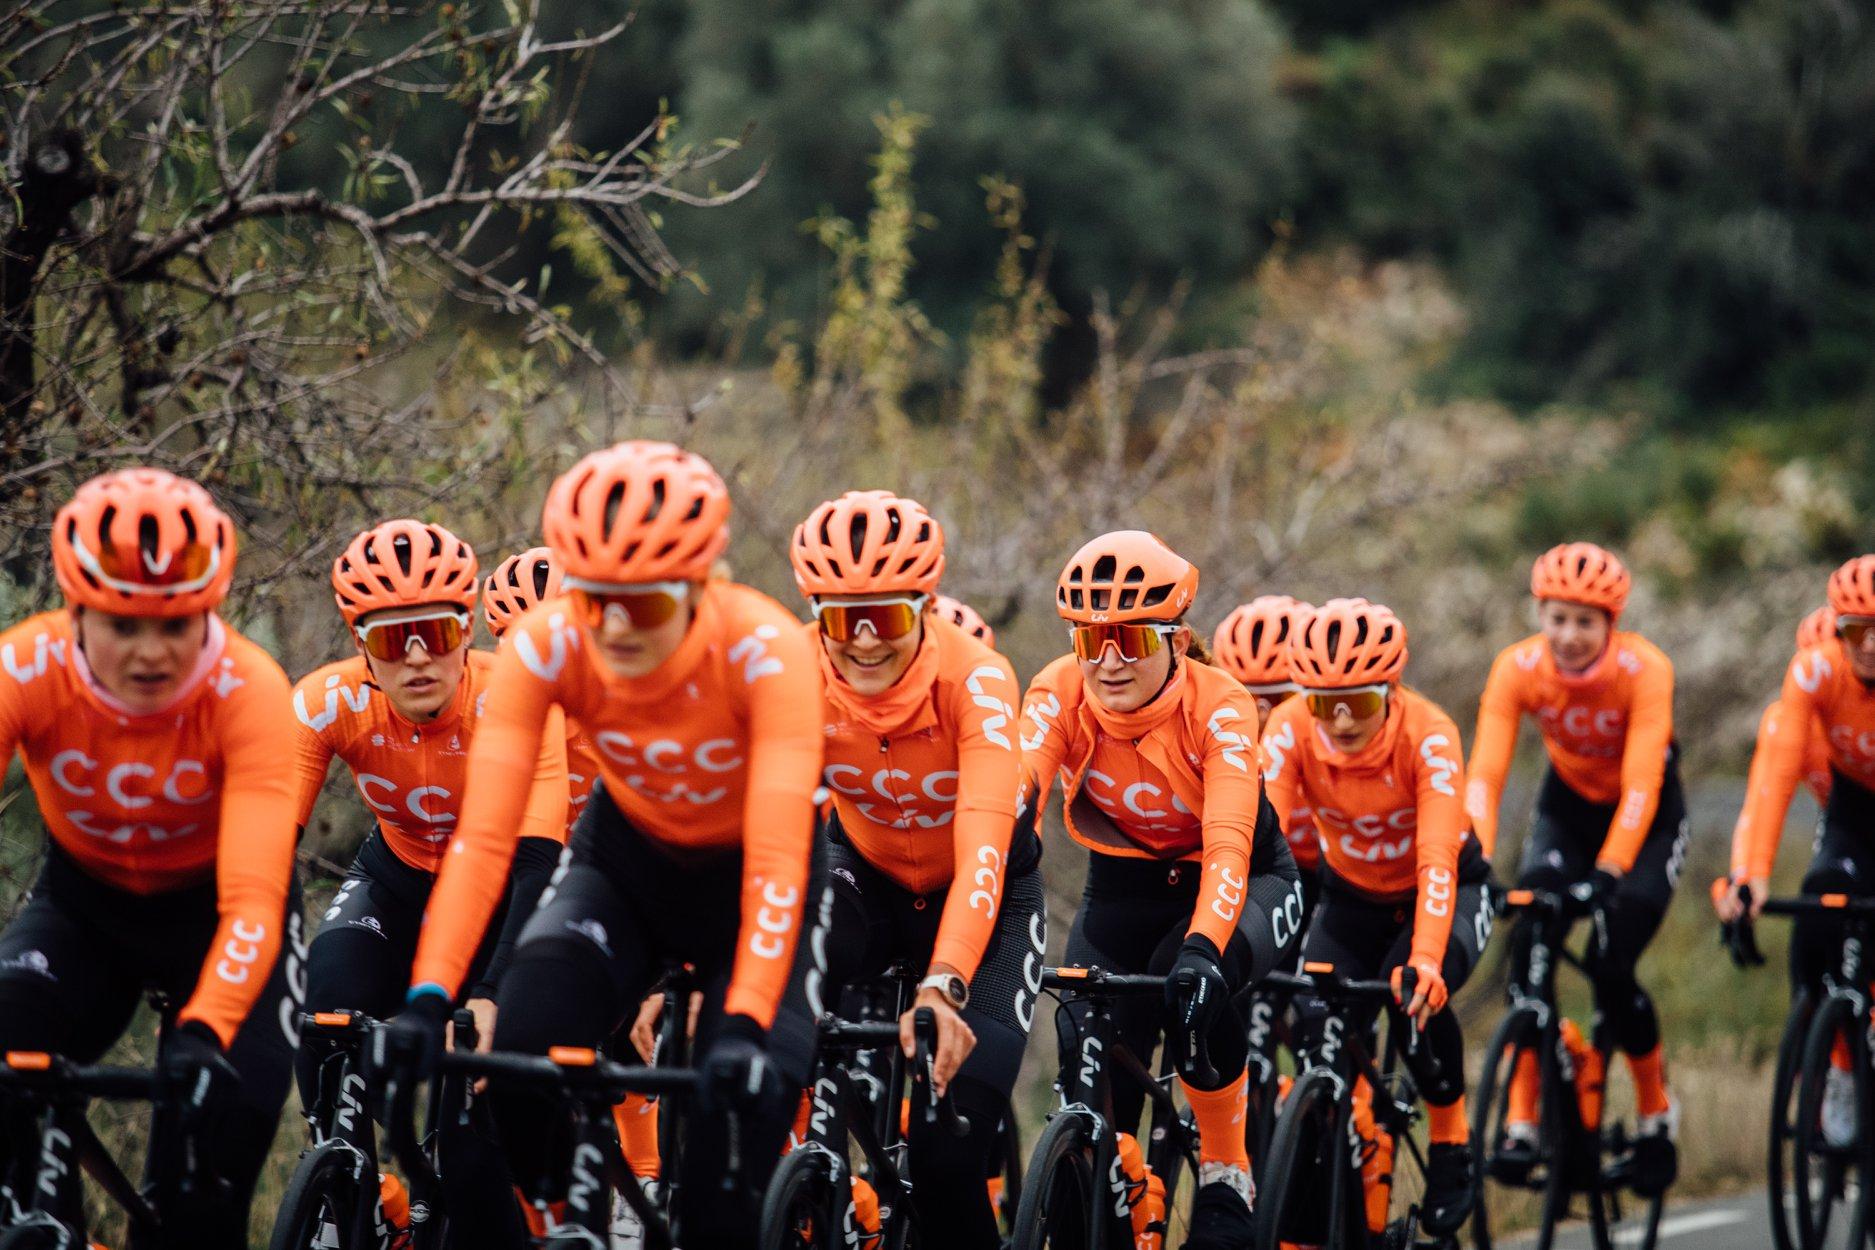 CCC-Liv przygotowuje się do wyścigów w Hiszpanii